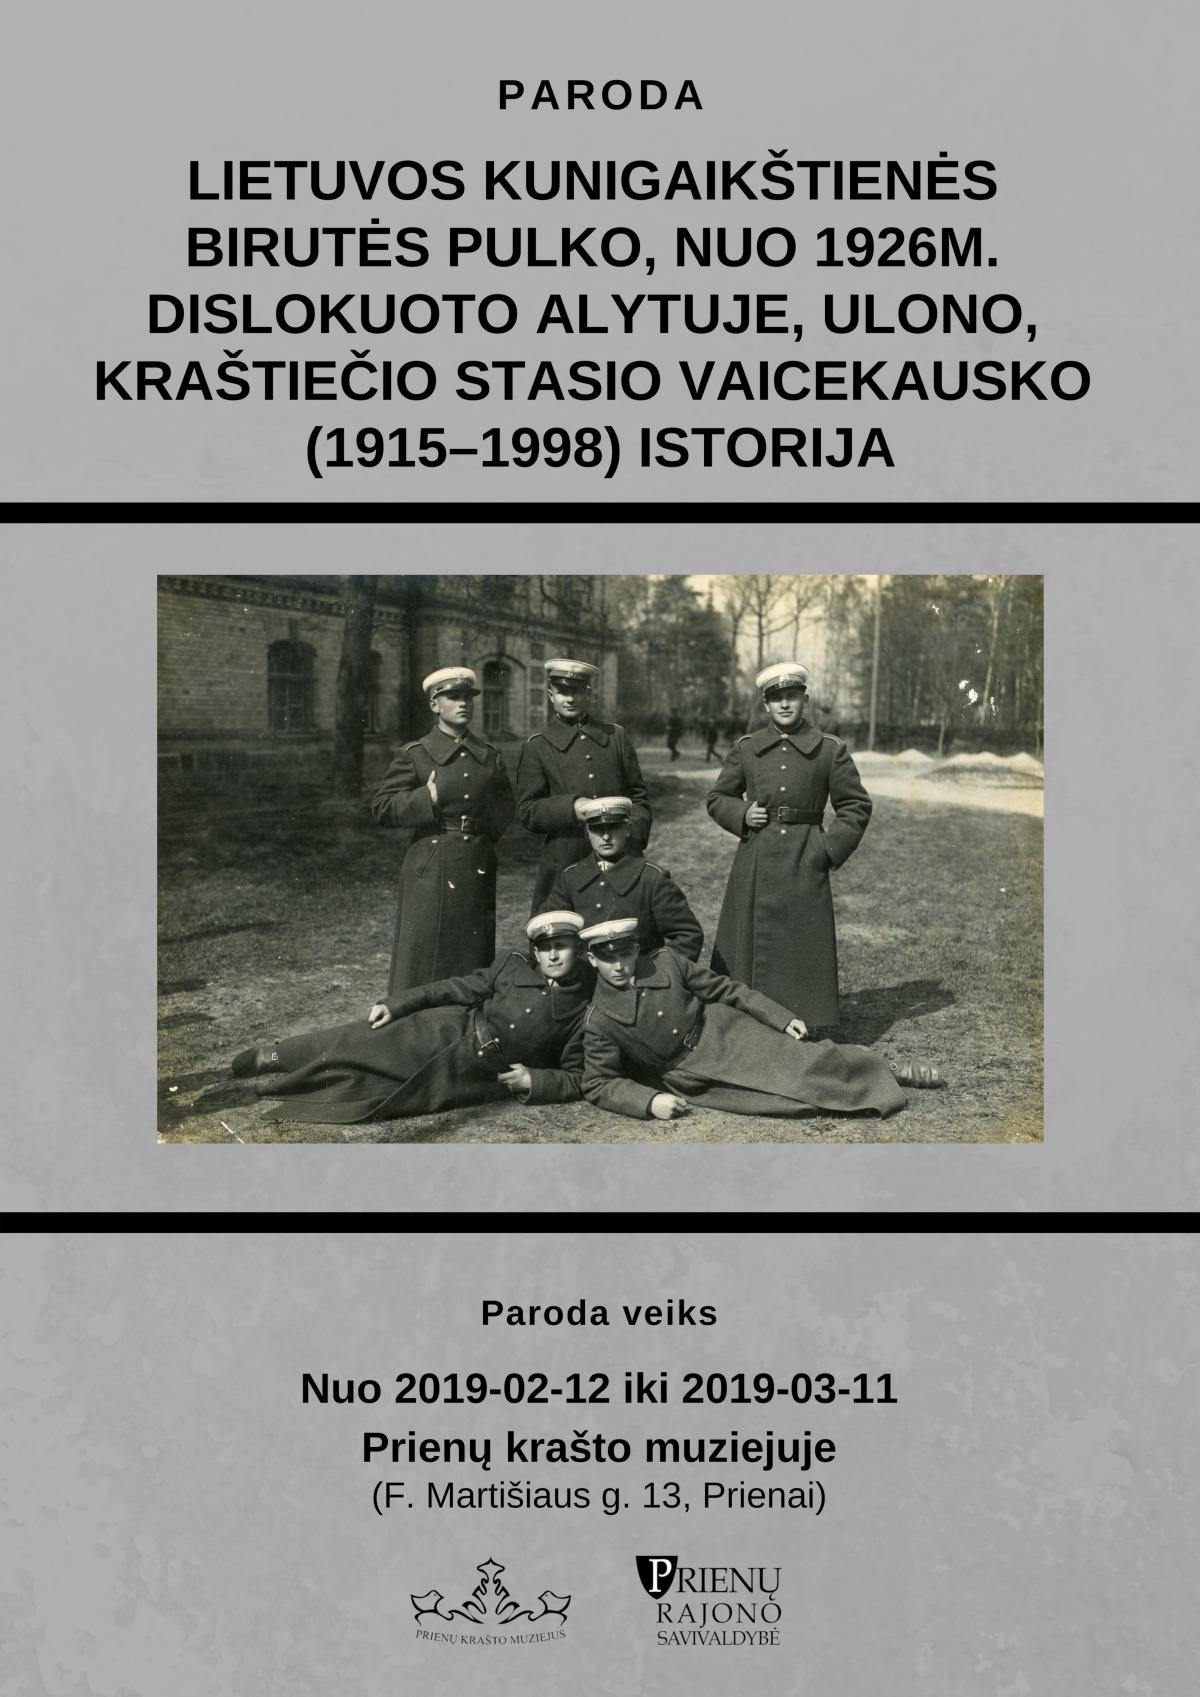 Stasio_Vaicekausko_Paroda_3_galutinis